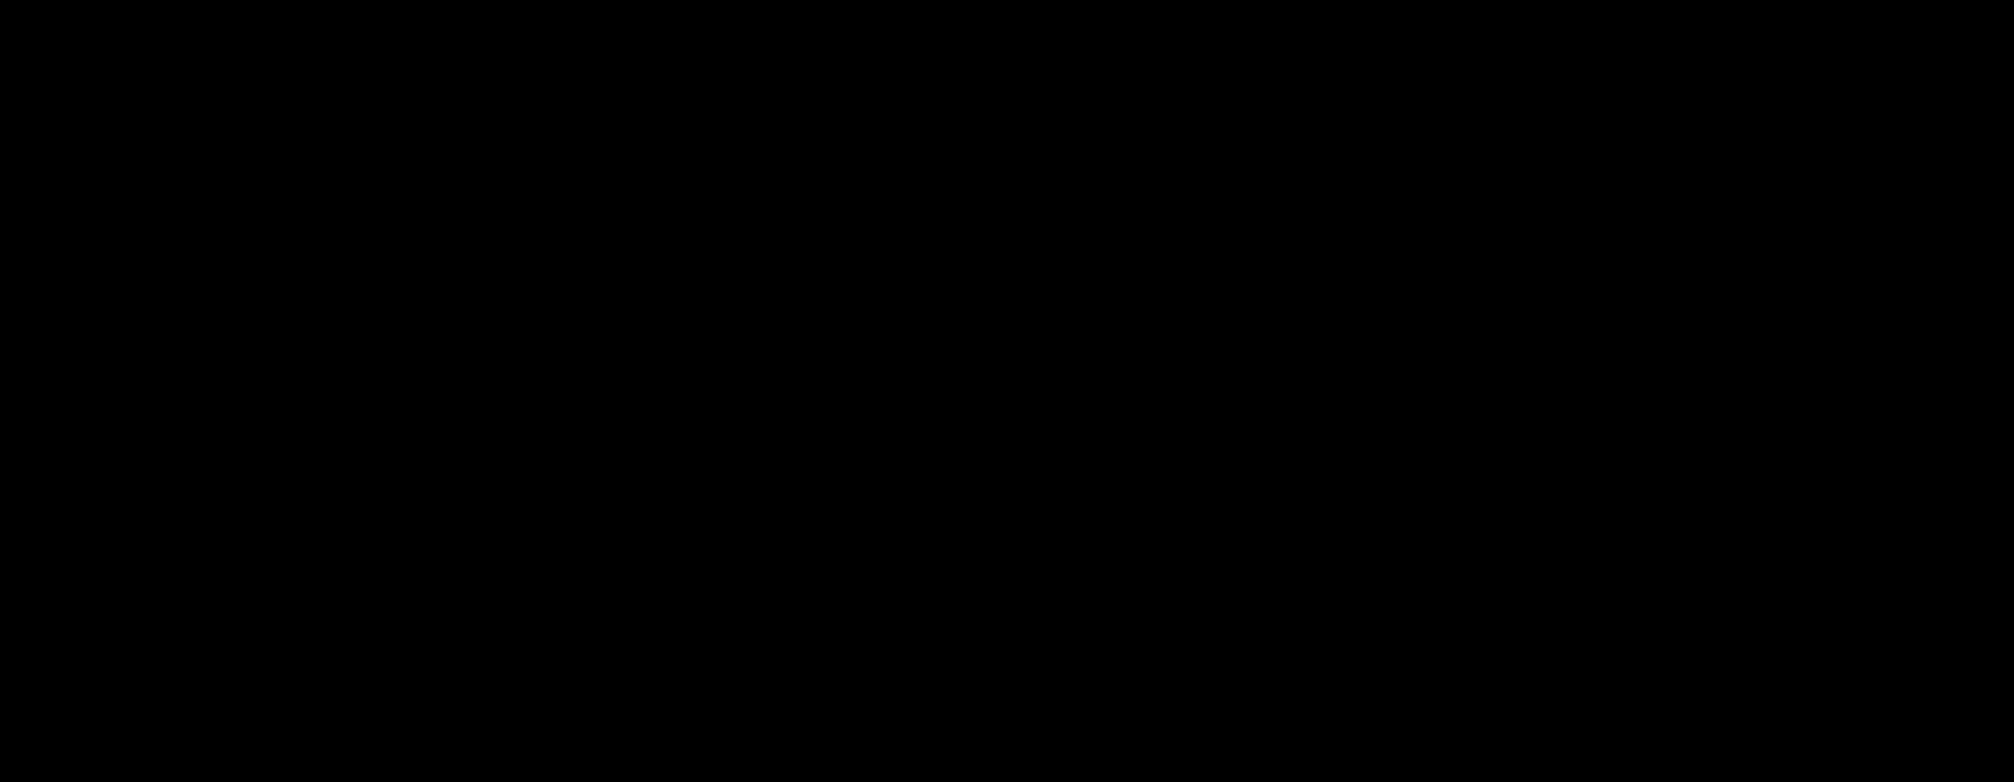 Biotin-PEG-azide